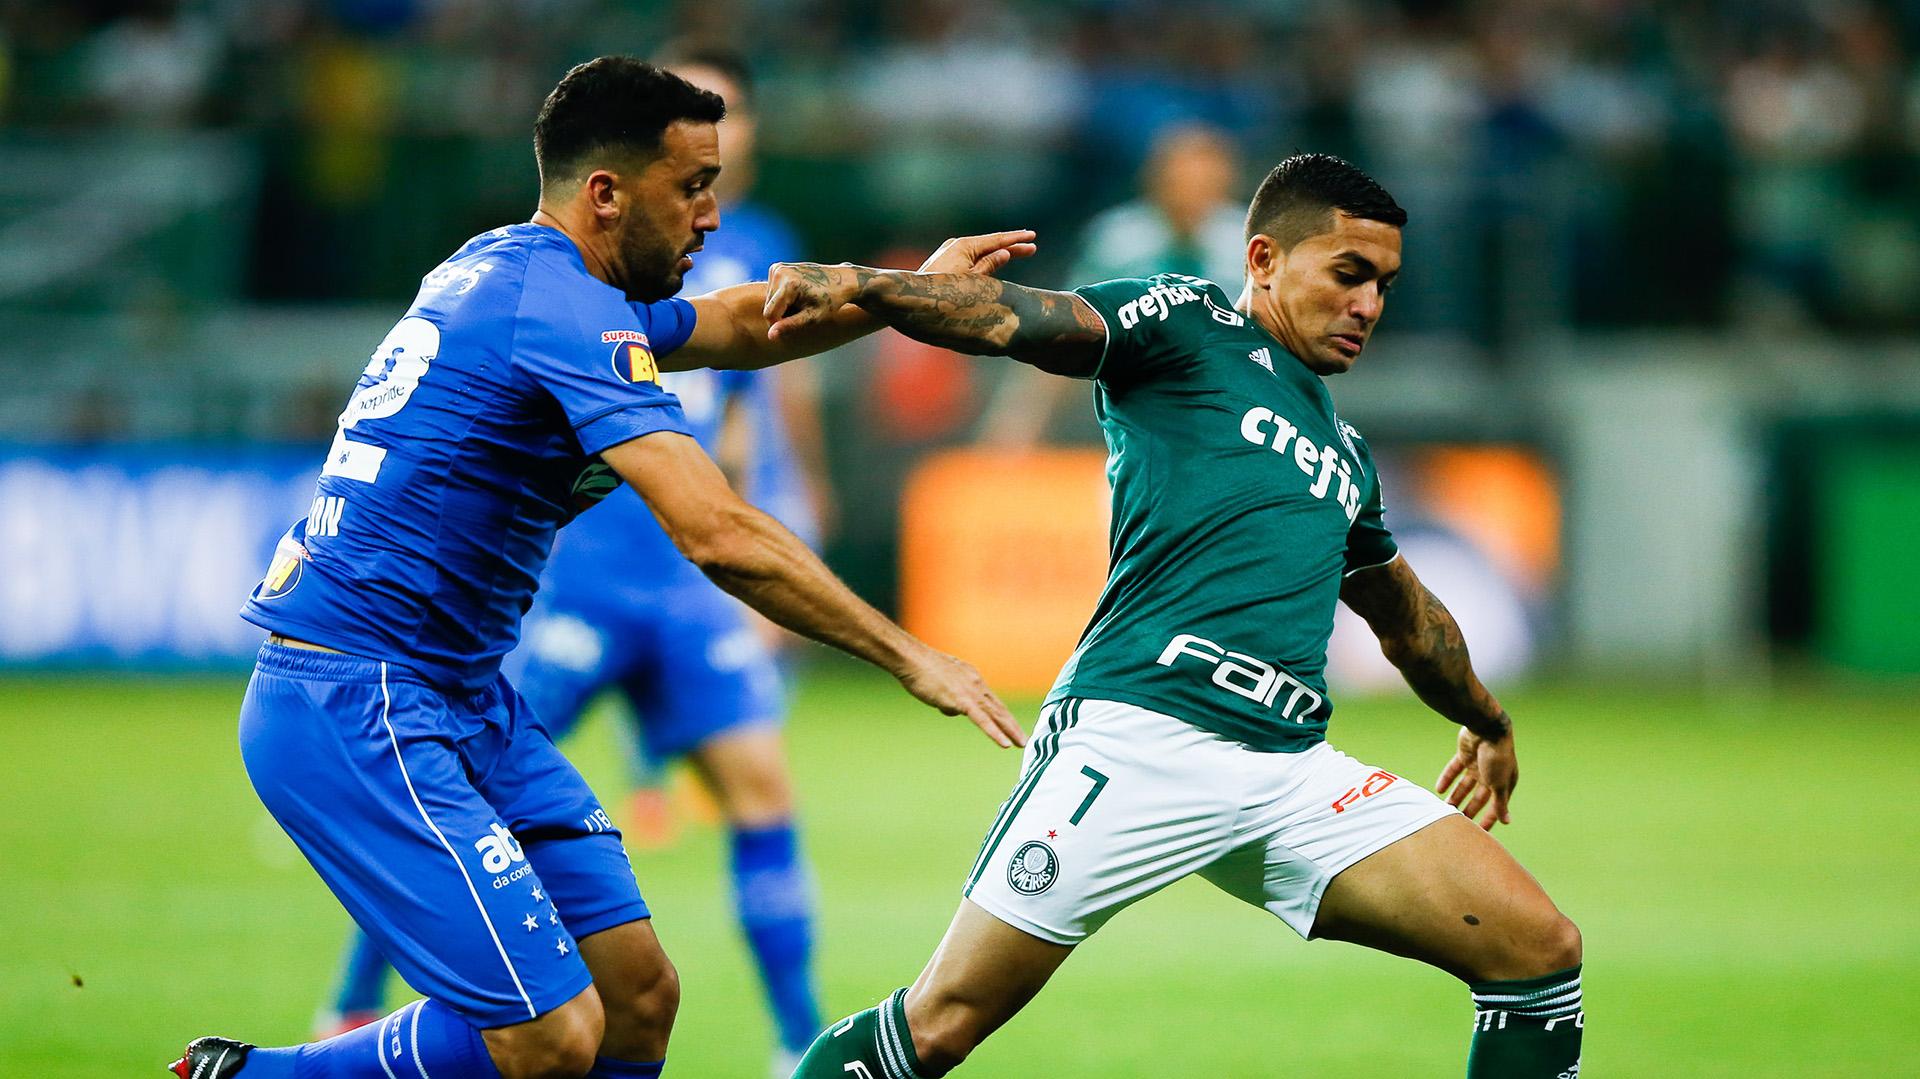 Edilson Dudu Palmeiras Cruzeiro Copa do Brasil 12092018